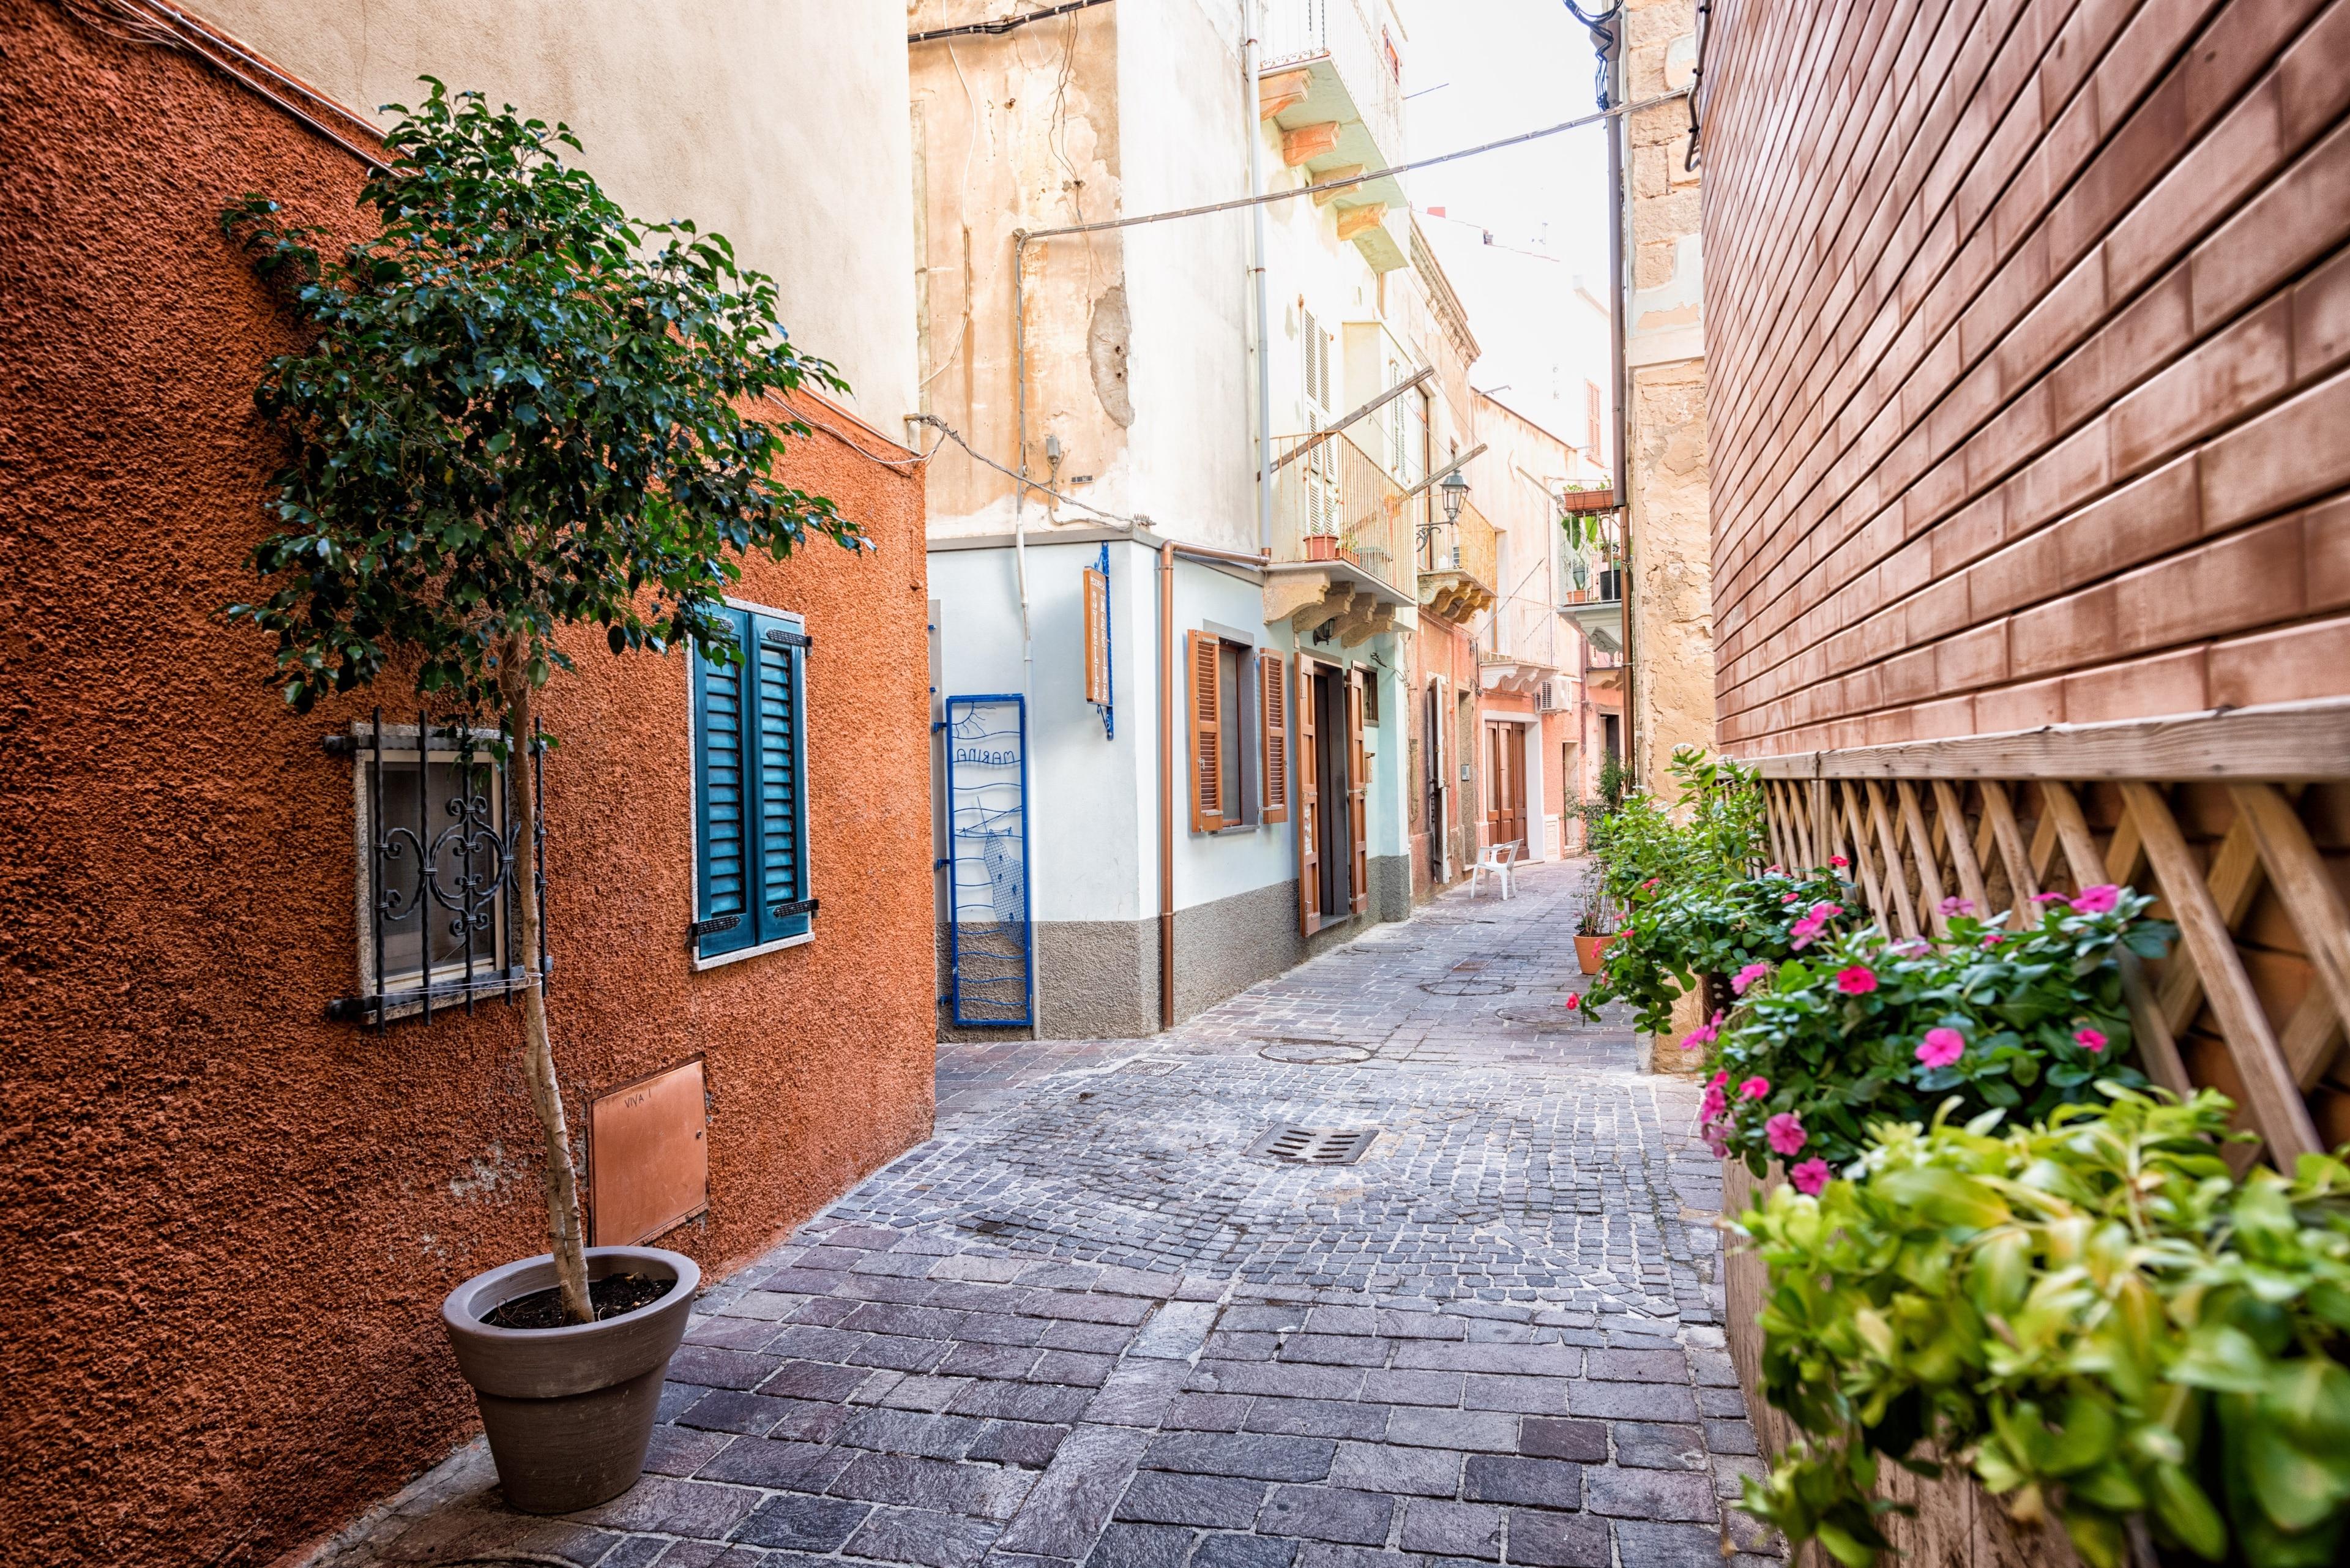 Carloforte, Sardinia, Italy